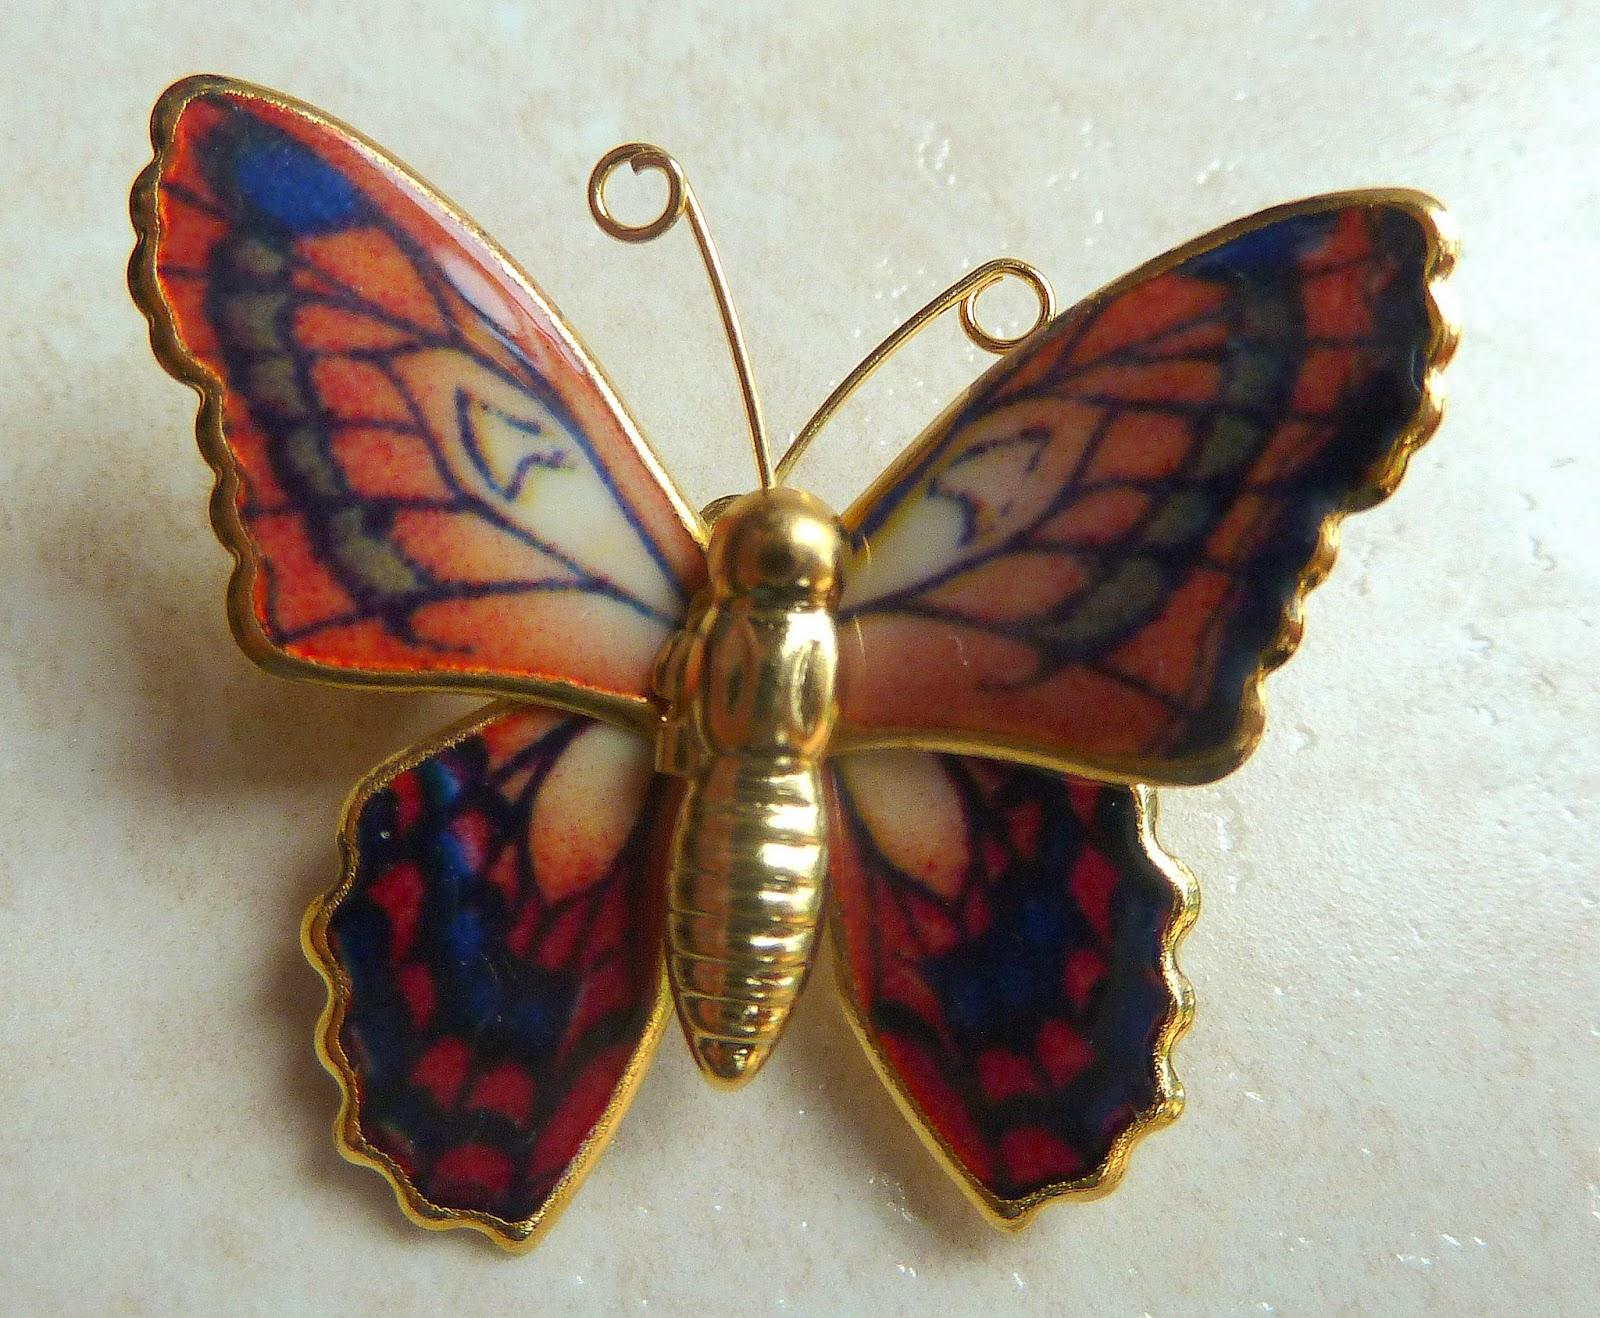 http://www.kcavintagegems.uk/vintage-multicoloured-butterfly-brooch-134-p.asp